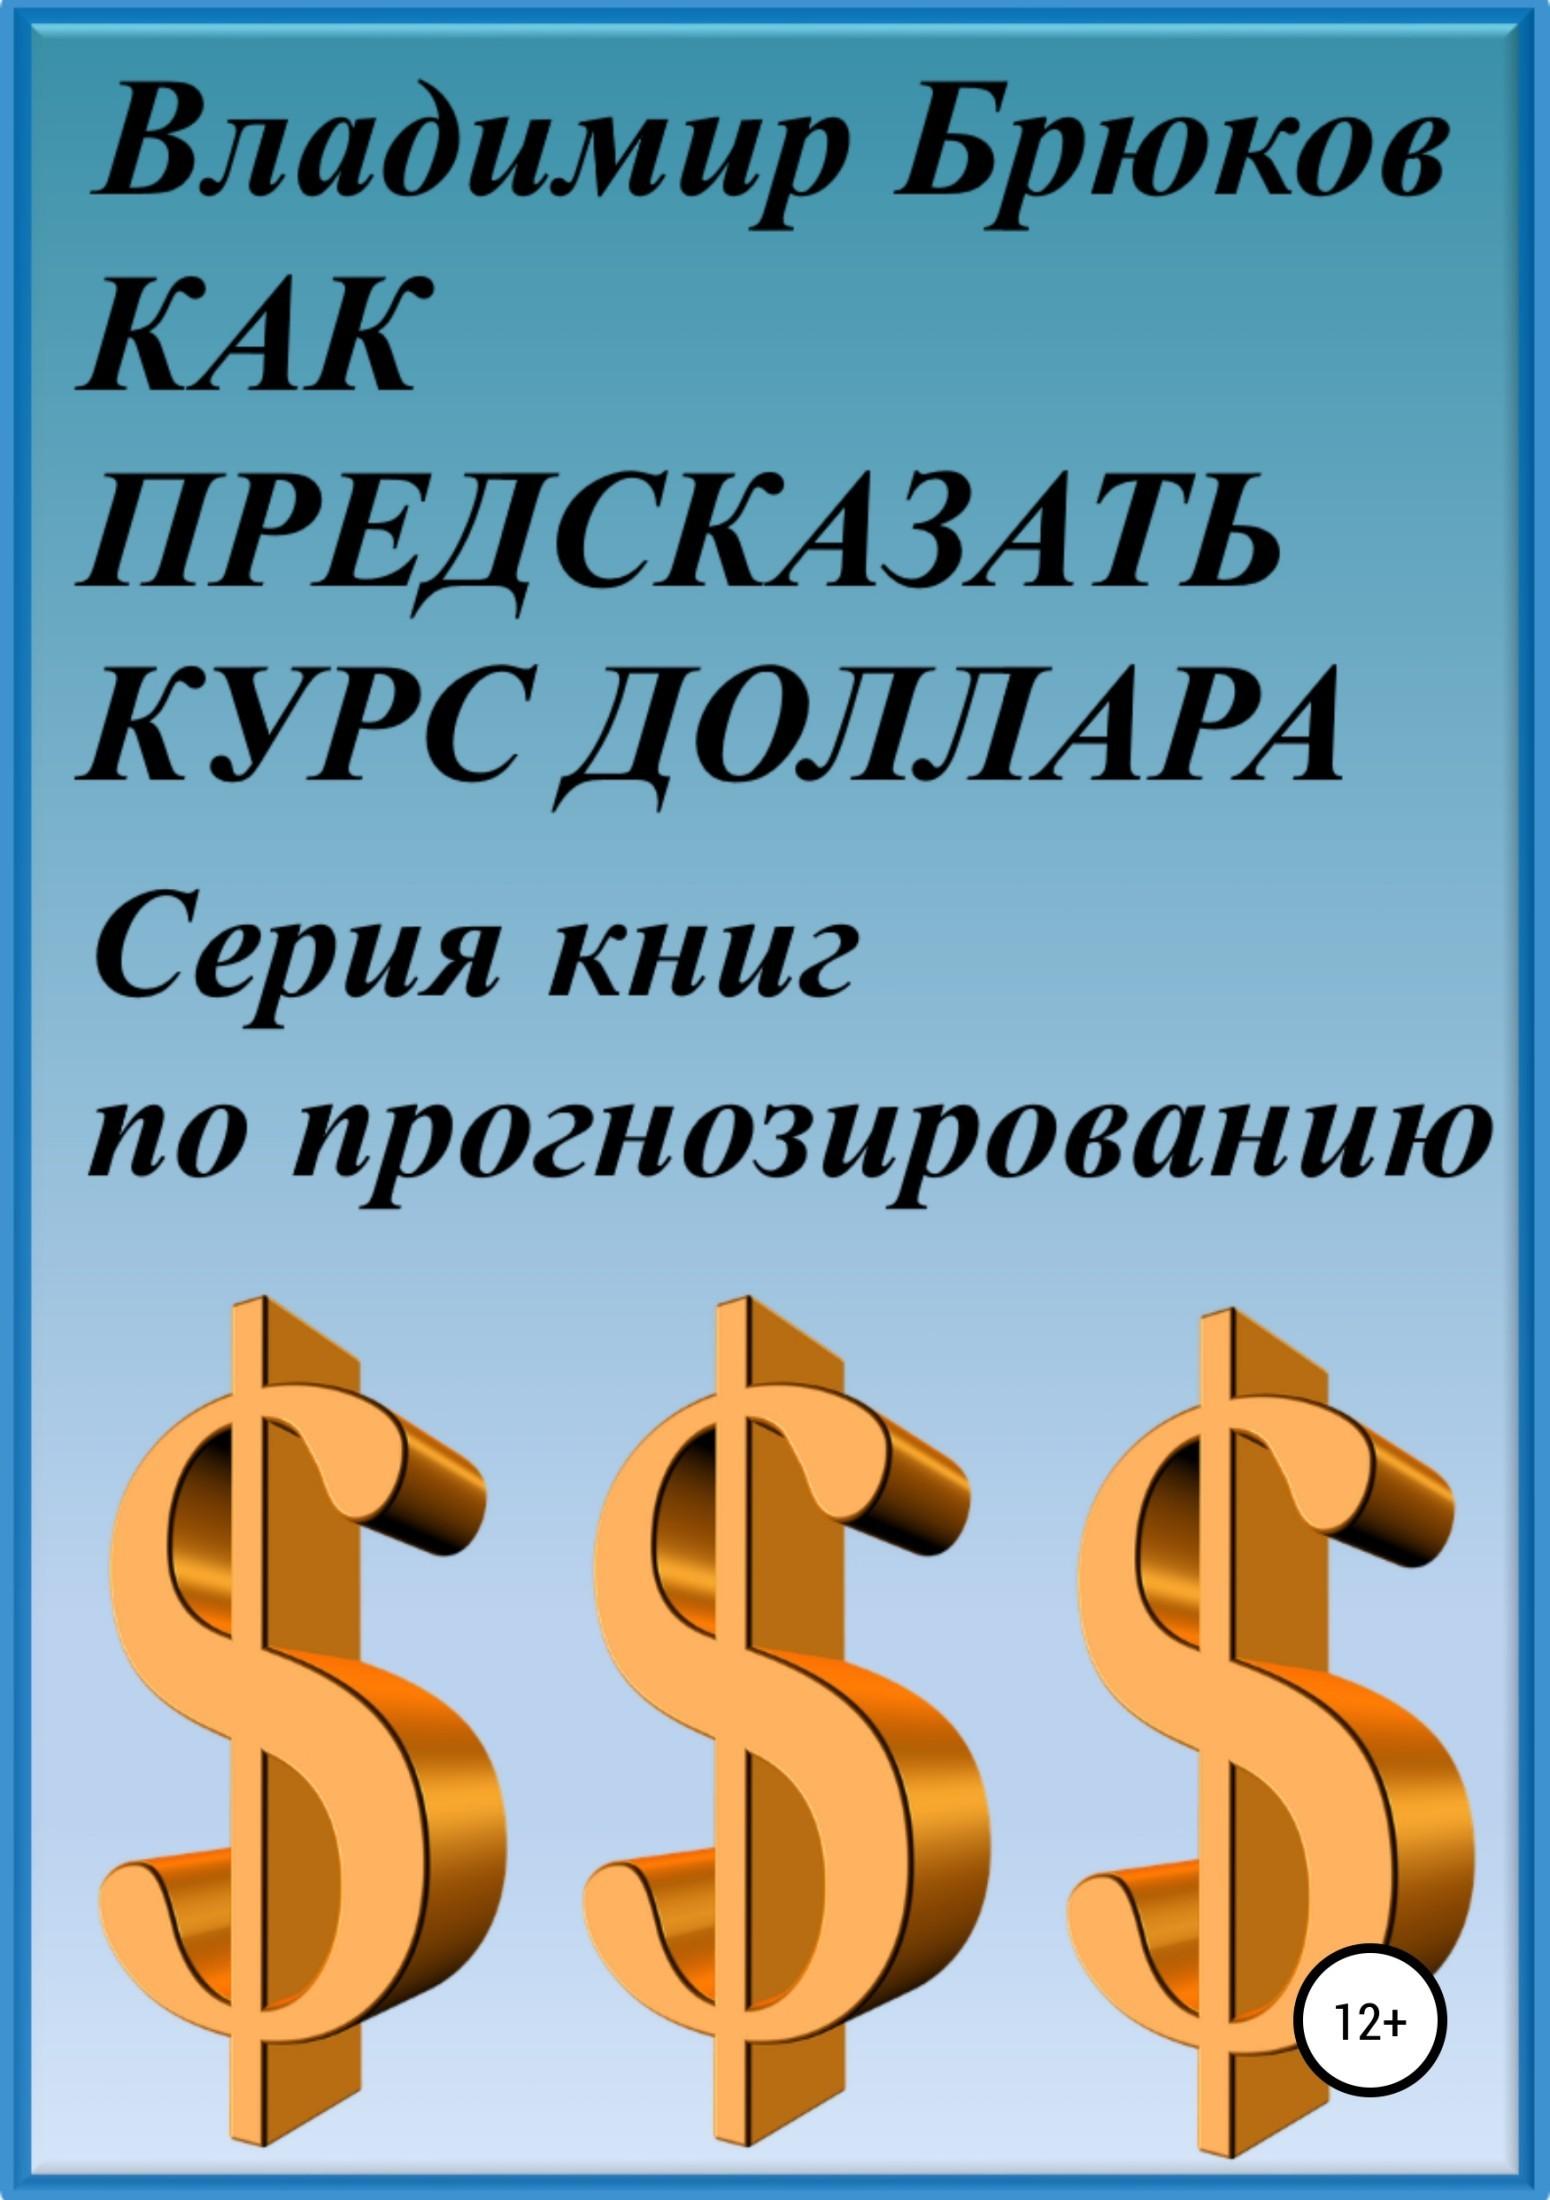 Обложка книги. Автор - Владимир Брюков